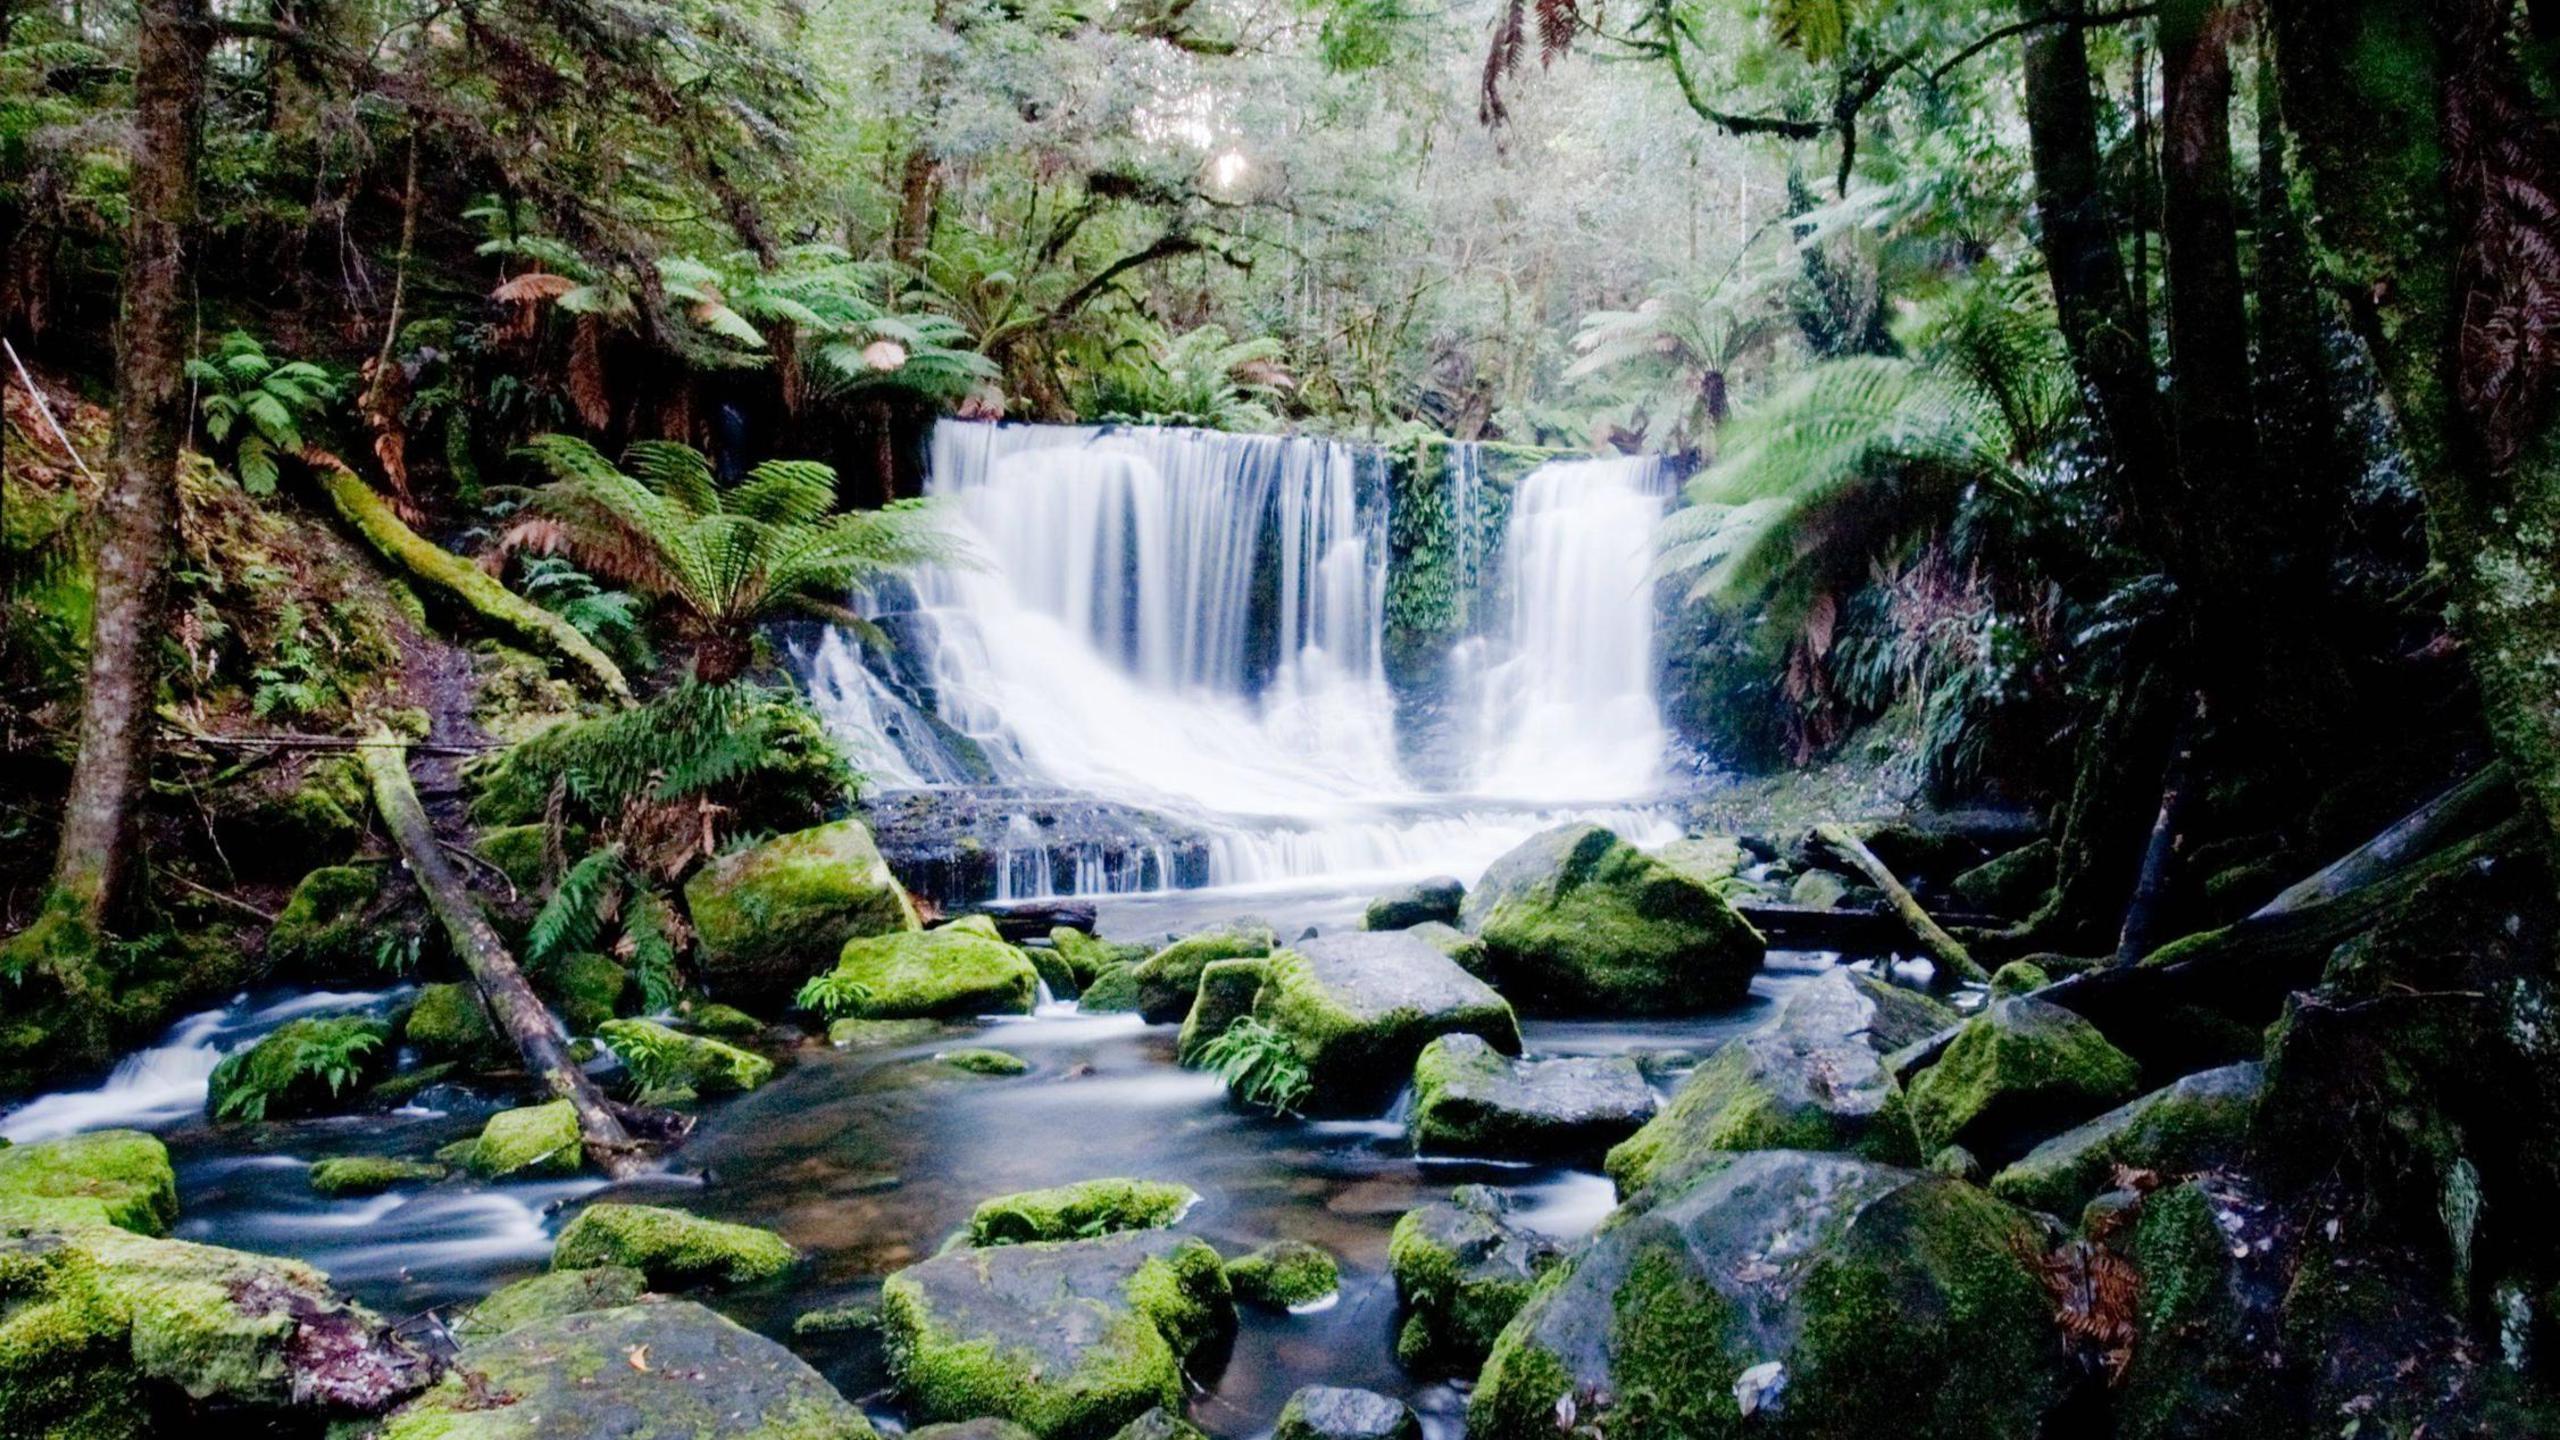 BOTPOST] Lady Barron Falls Mt Field National Park Tasmania i 2560x1440